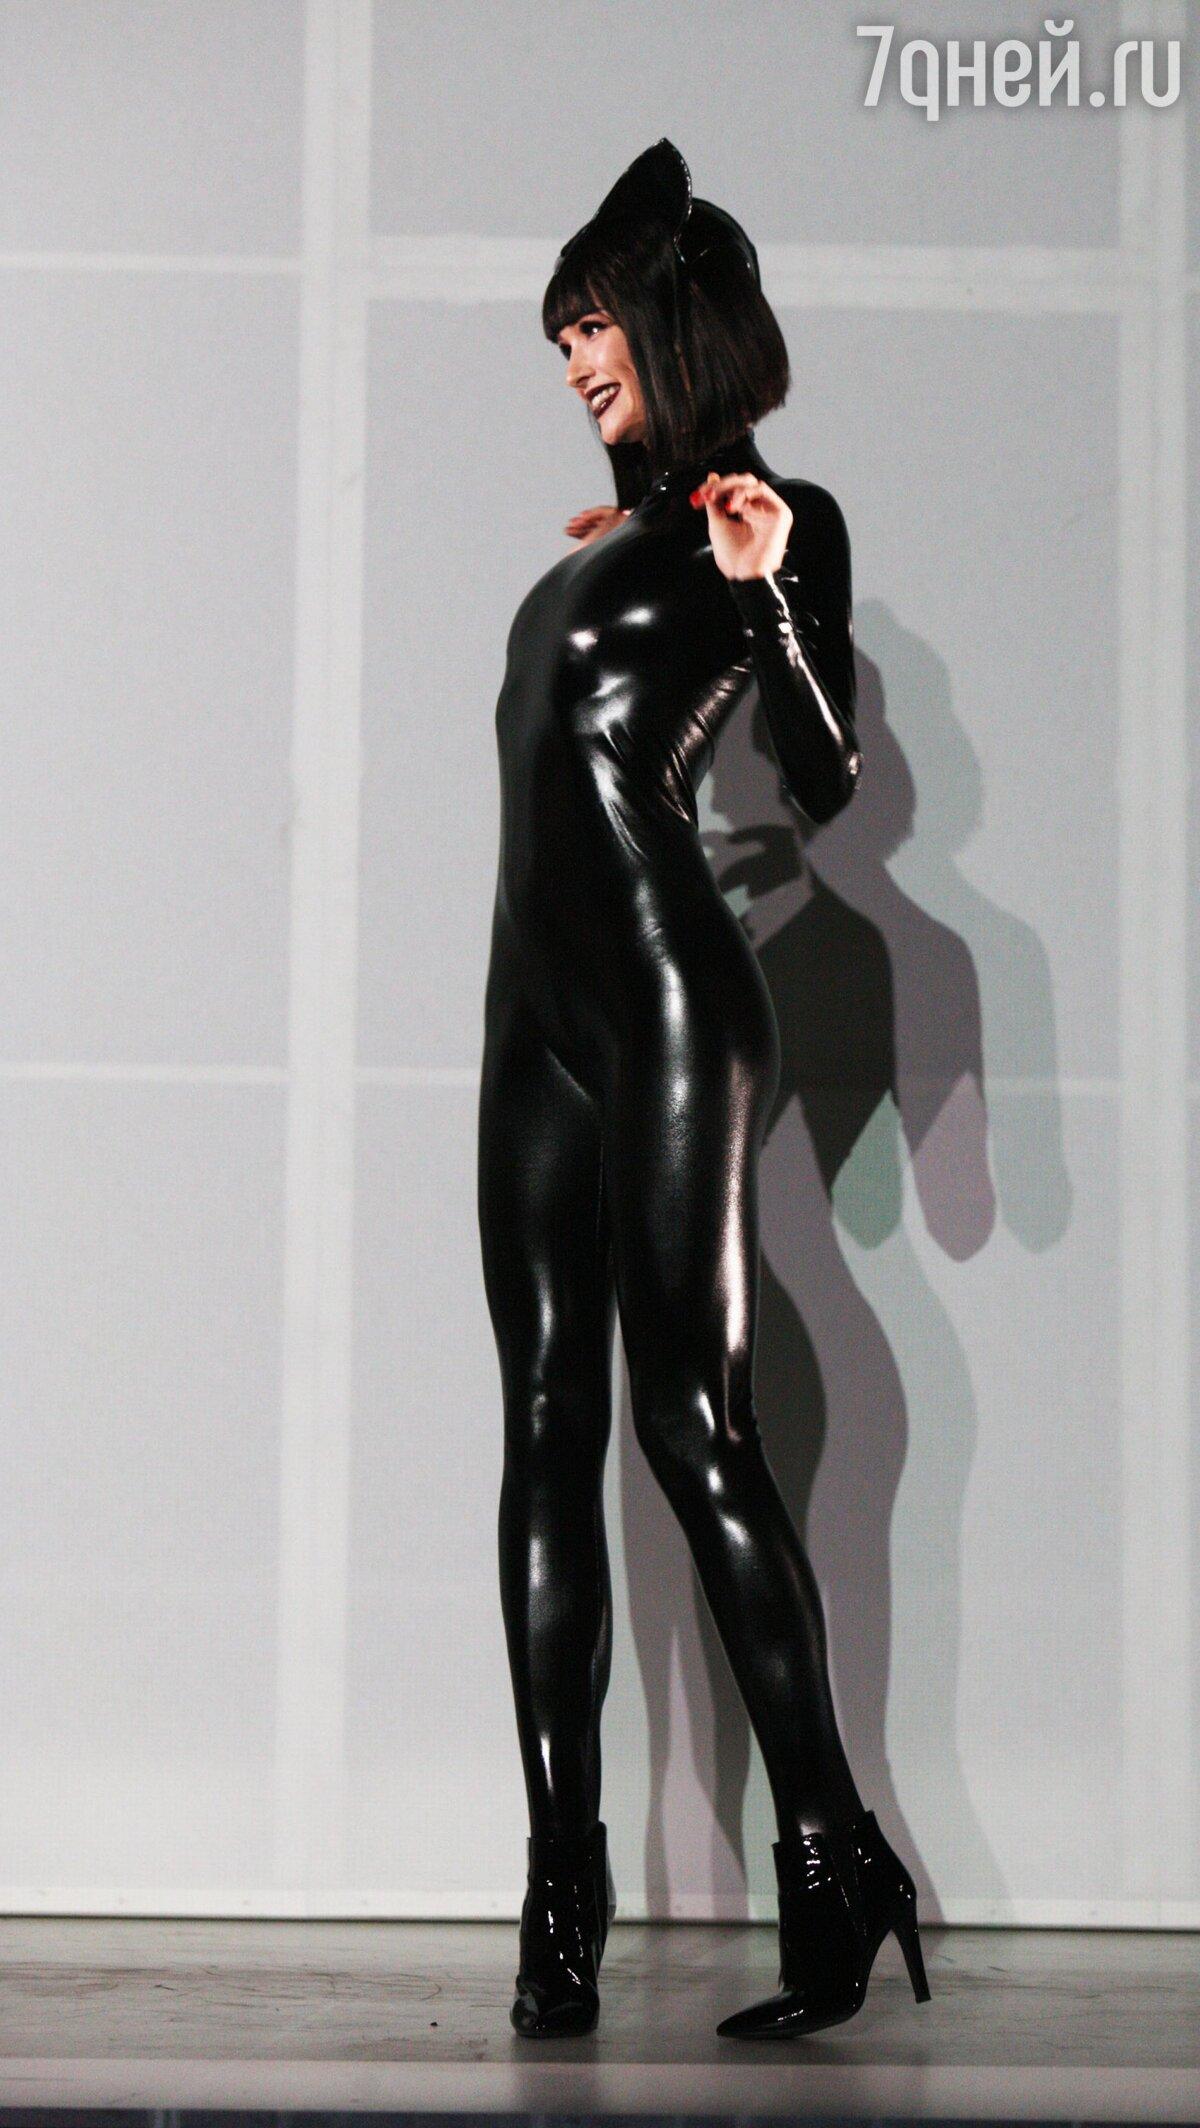 Обтягивающий костюм эротичной женщины